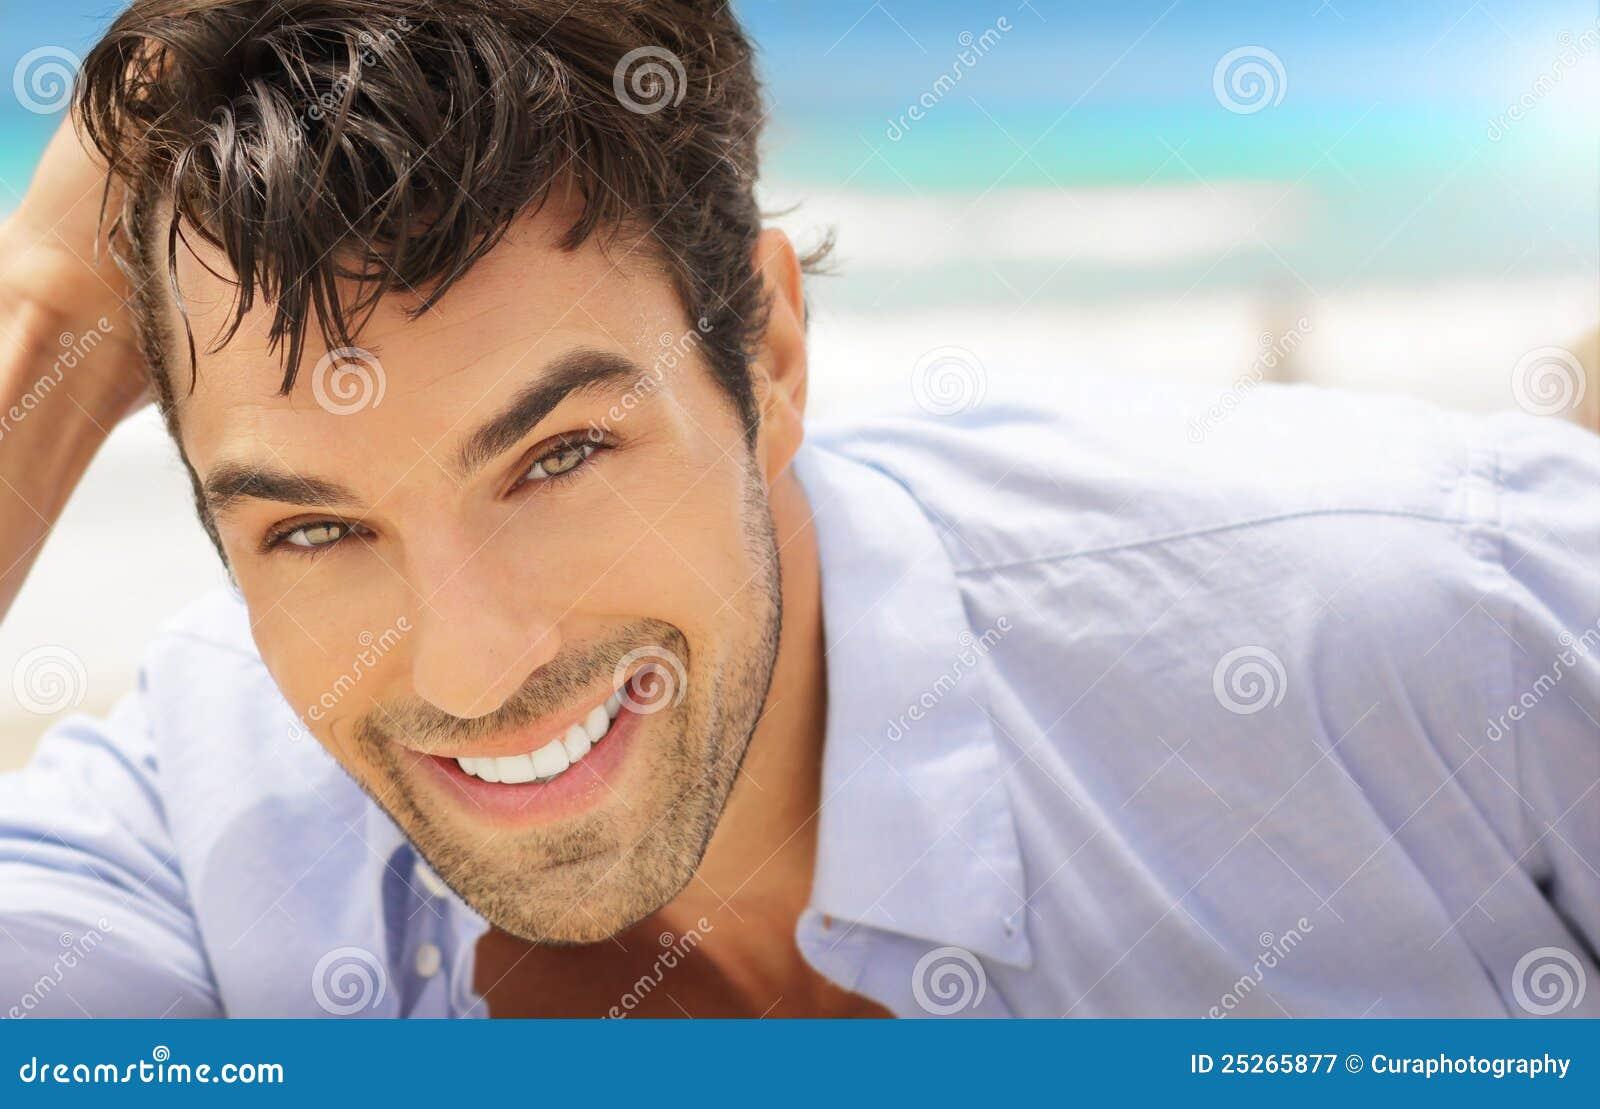 Mężczyzna duży uśmiech